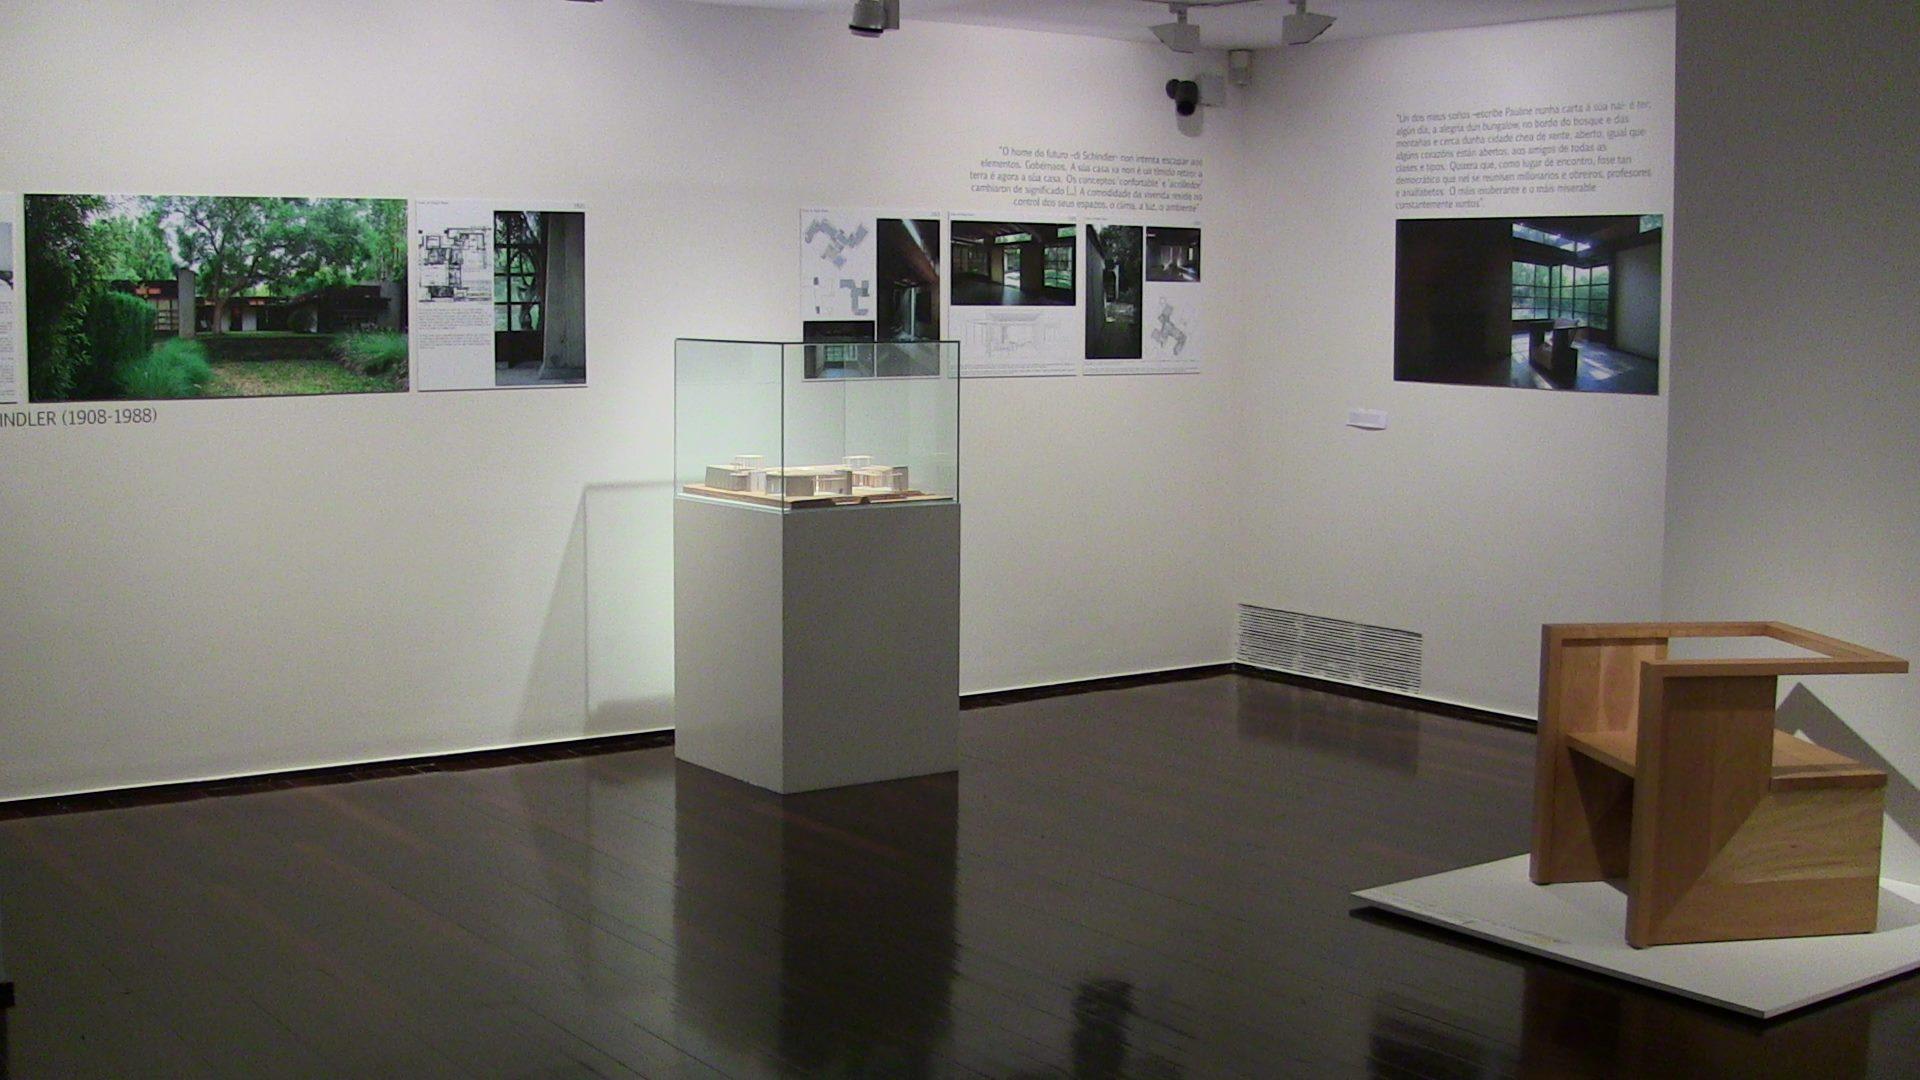 Sala da exposición California dreaming